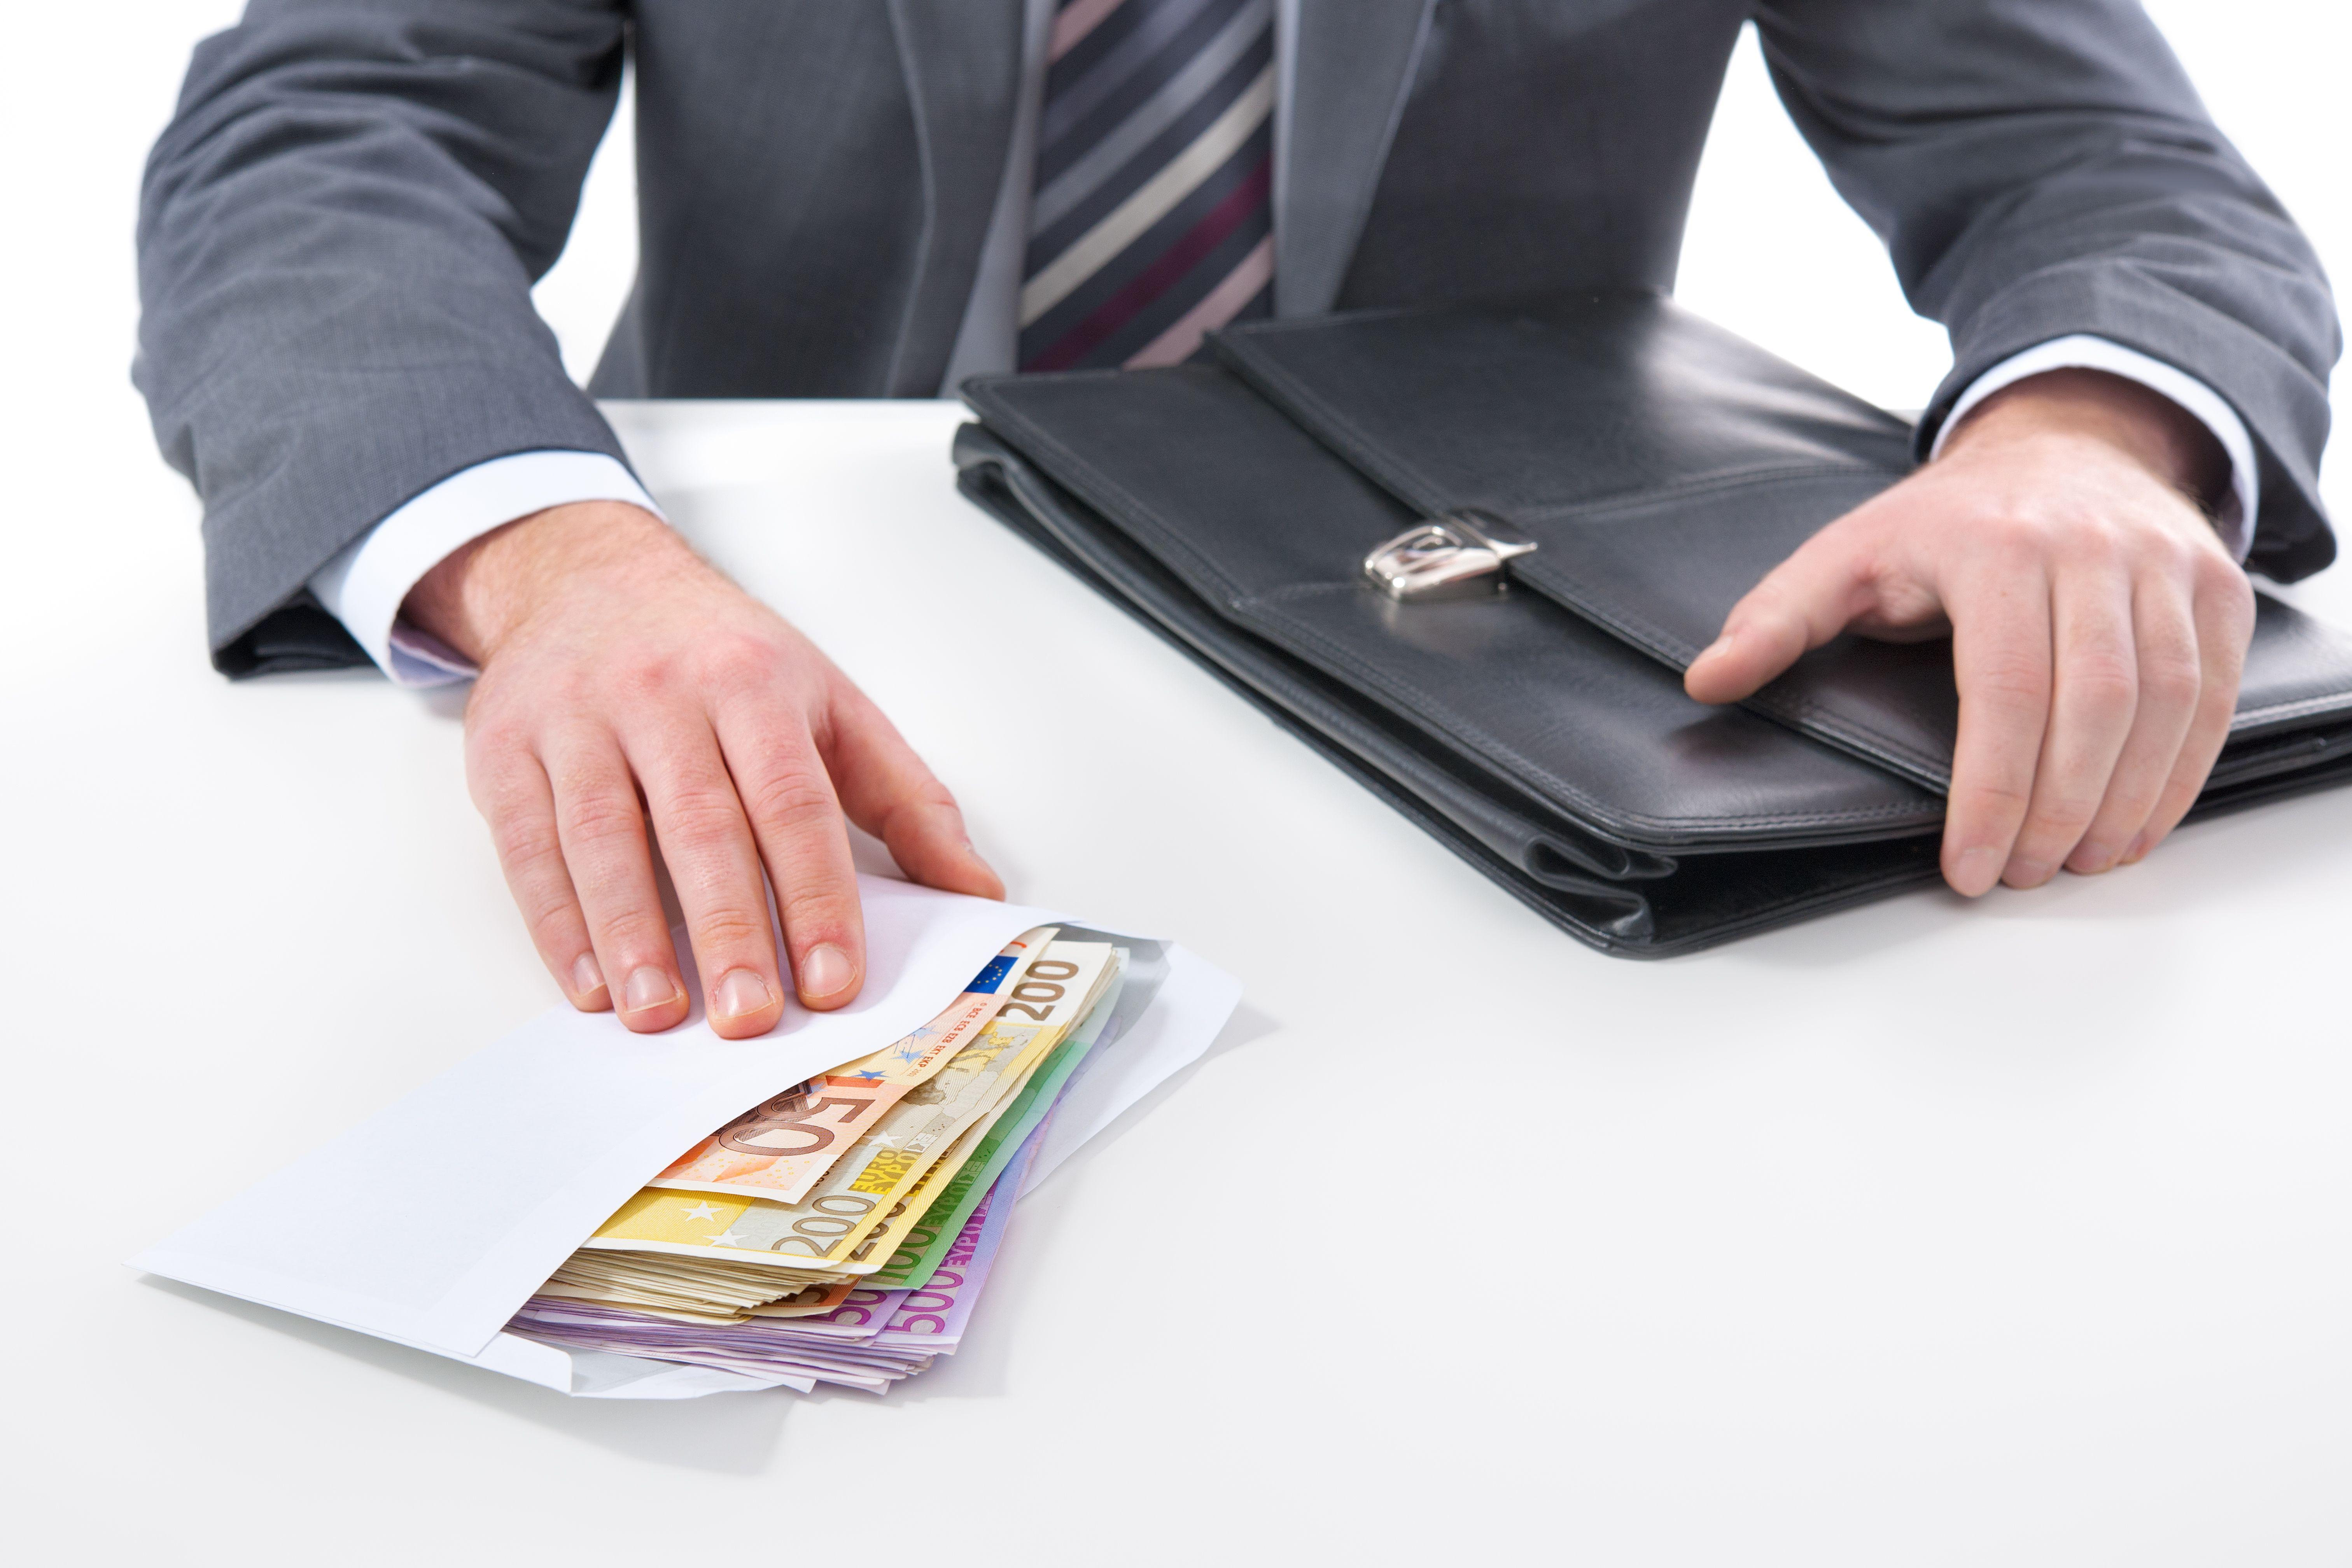 Τράπεζες: Ξεπέρασαν τους στόχους μείωσης των κόκκινων δανείων το 2017   tovima.gr